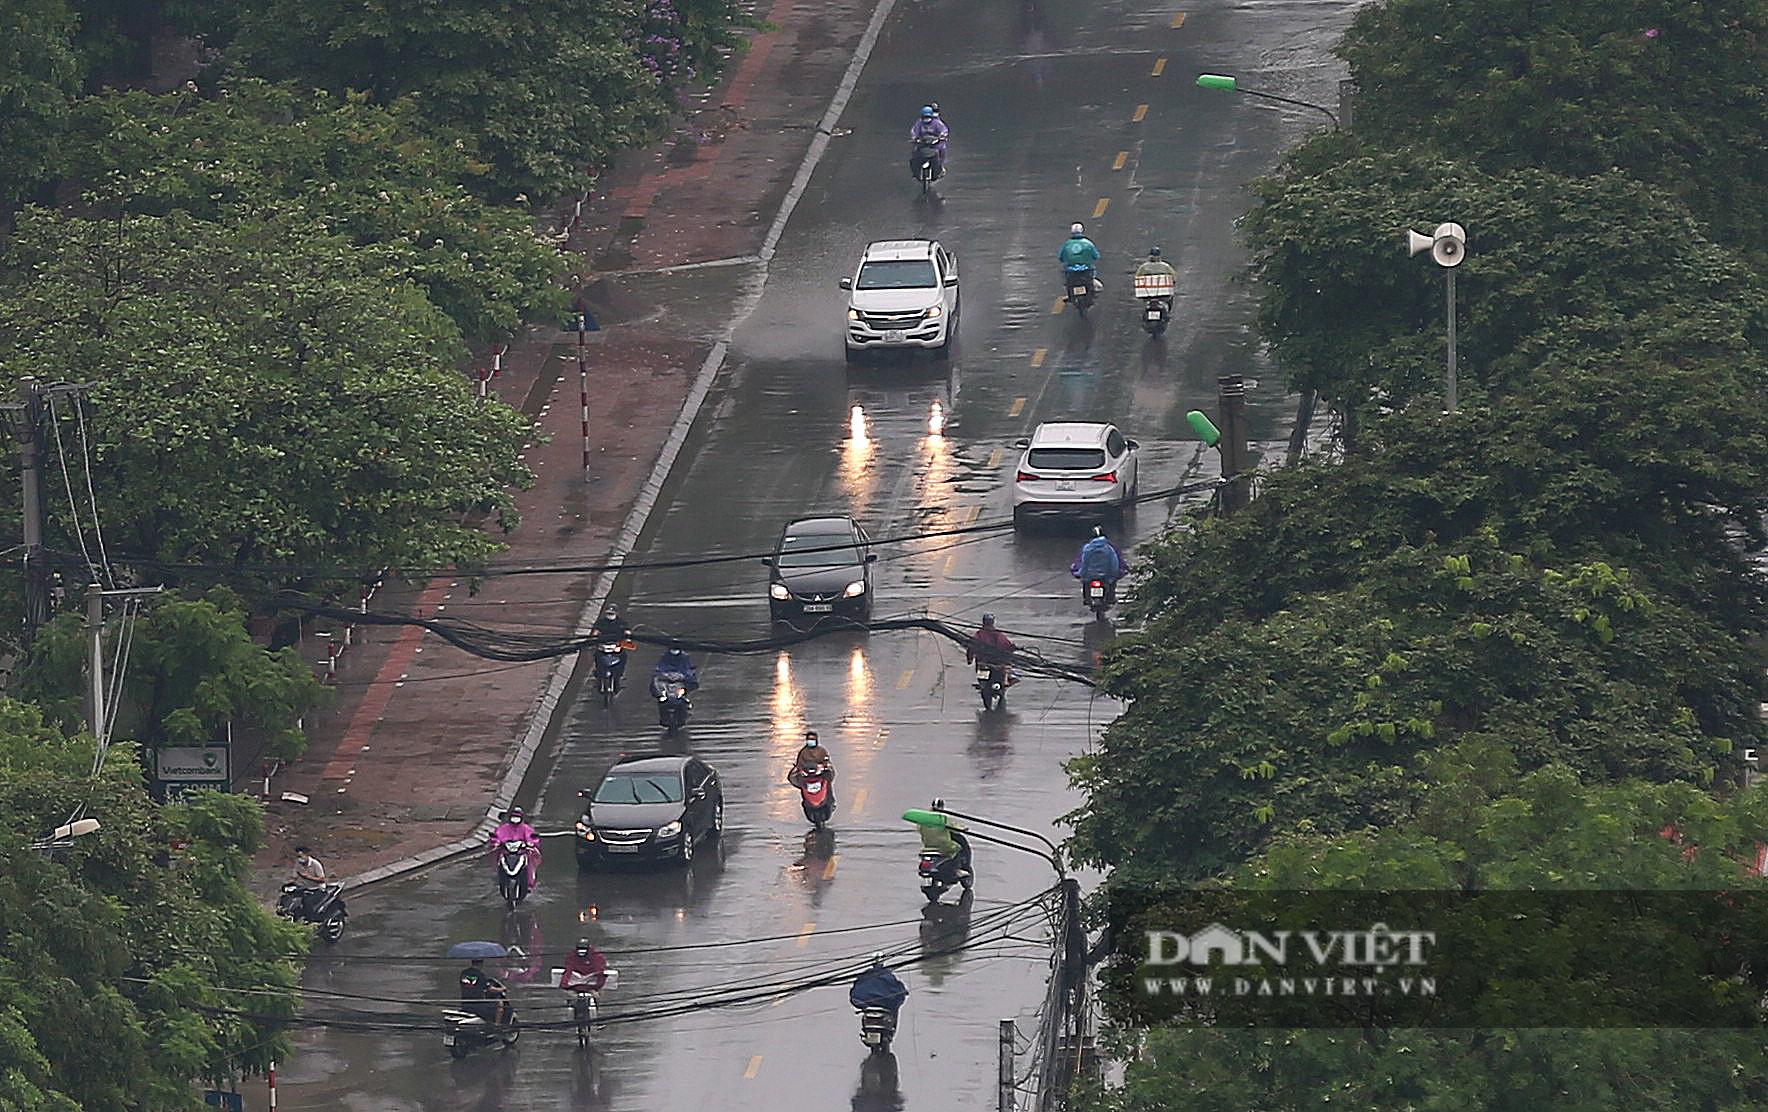 Bầu trời Hà Nội mưa liên tiếp, thời tiết mát mẻ sau nhiều ngày nắng nóng gần 40 độ C - Ảnh 4.